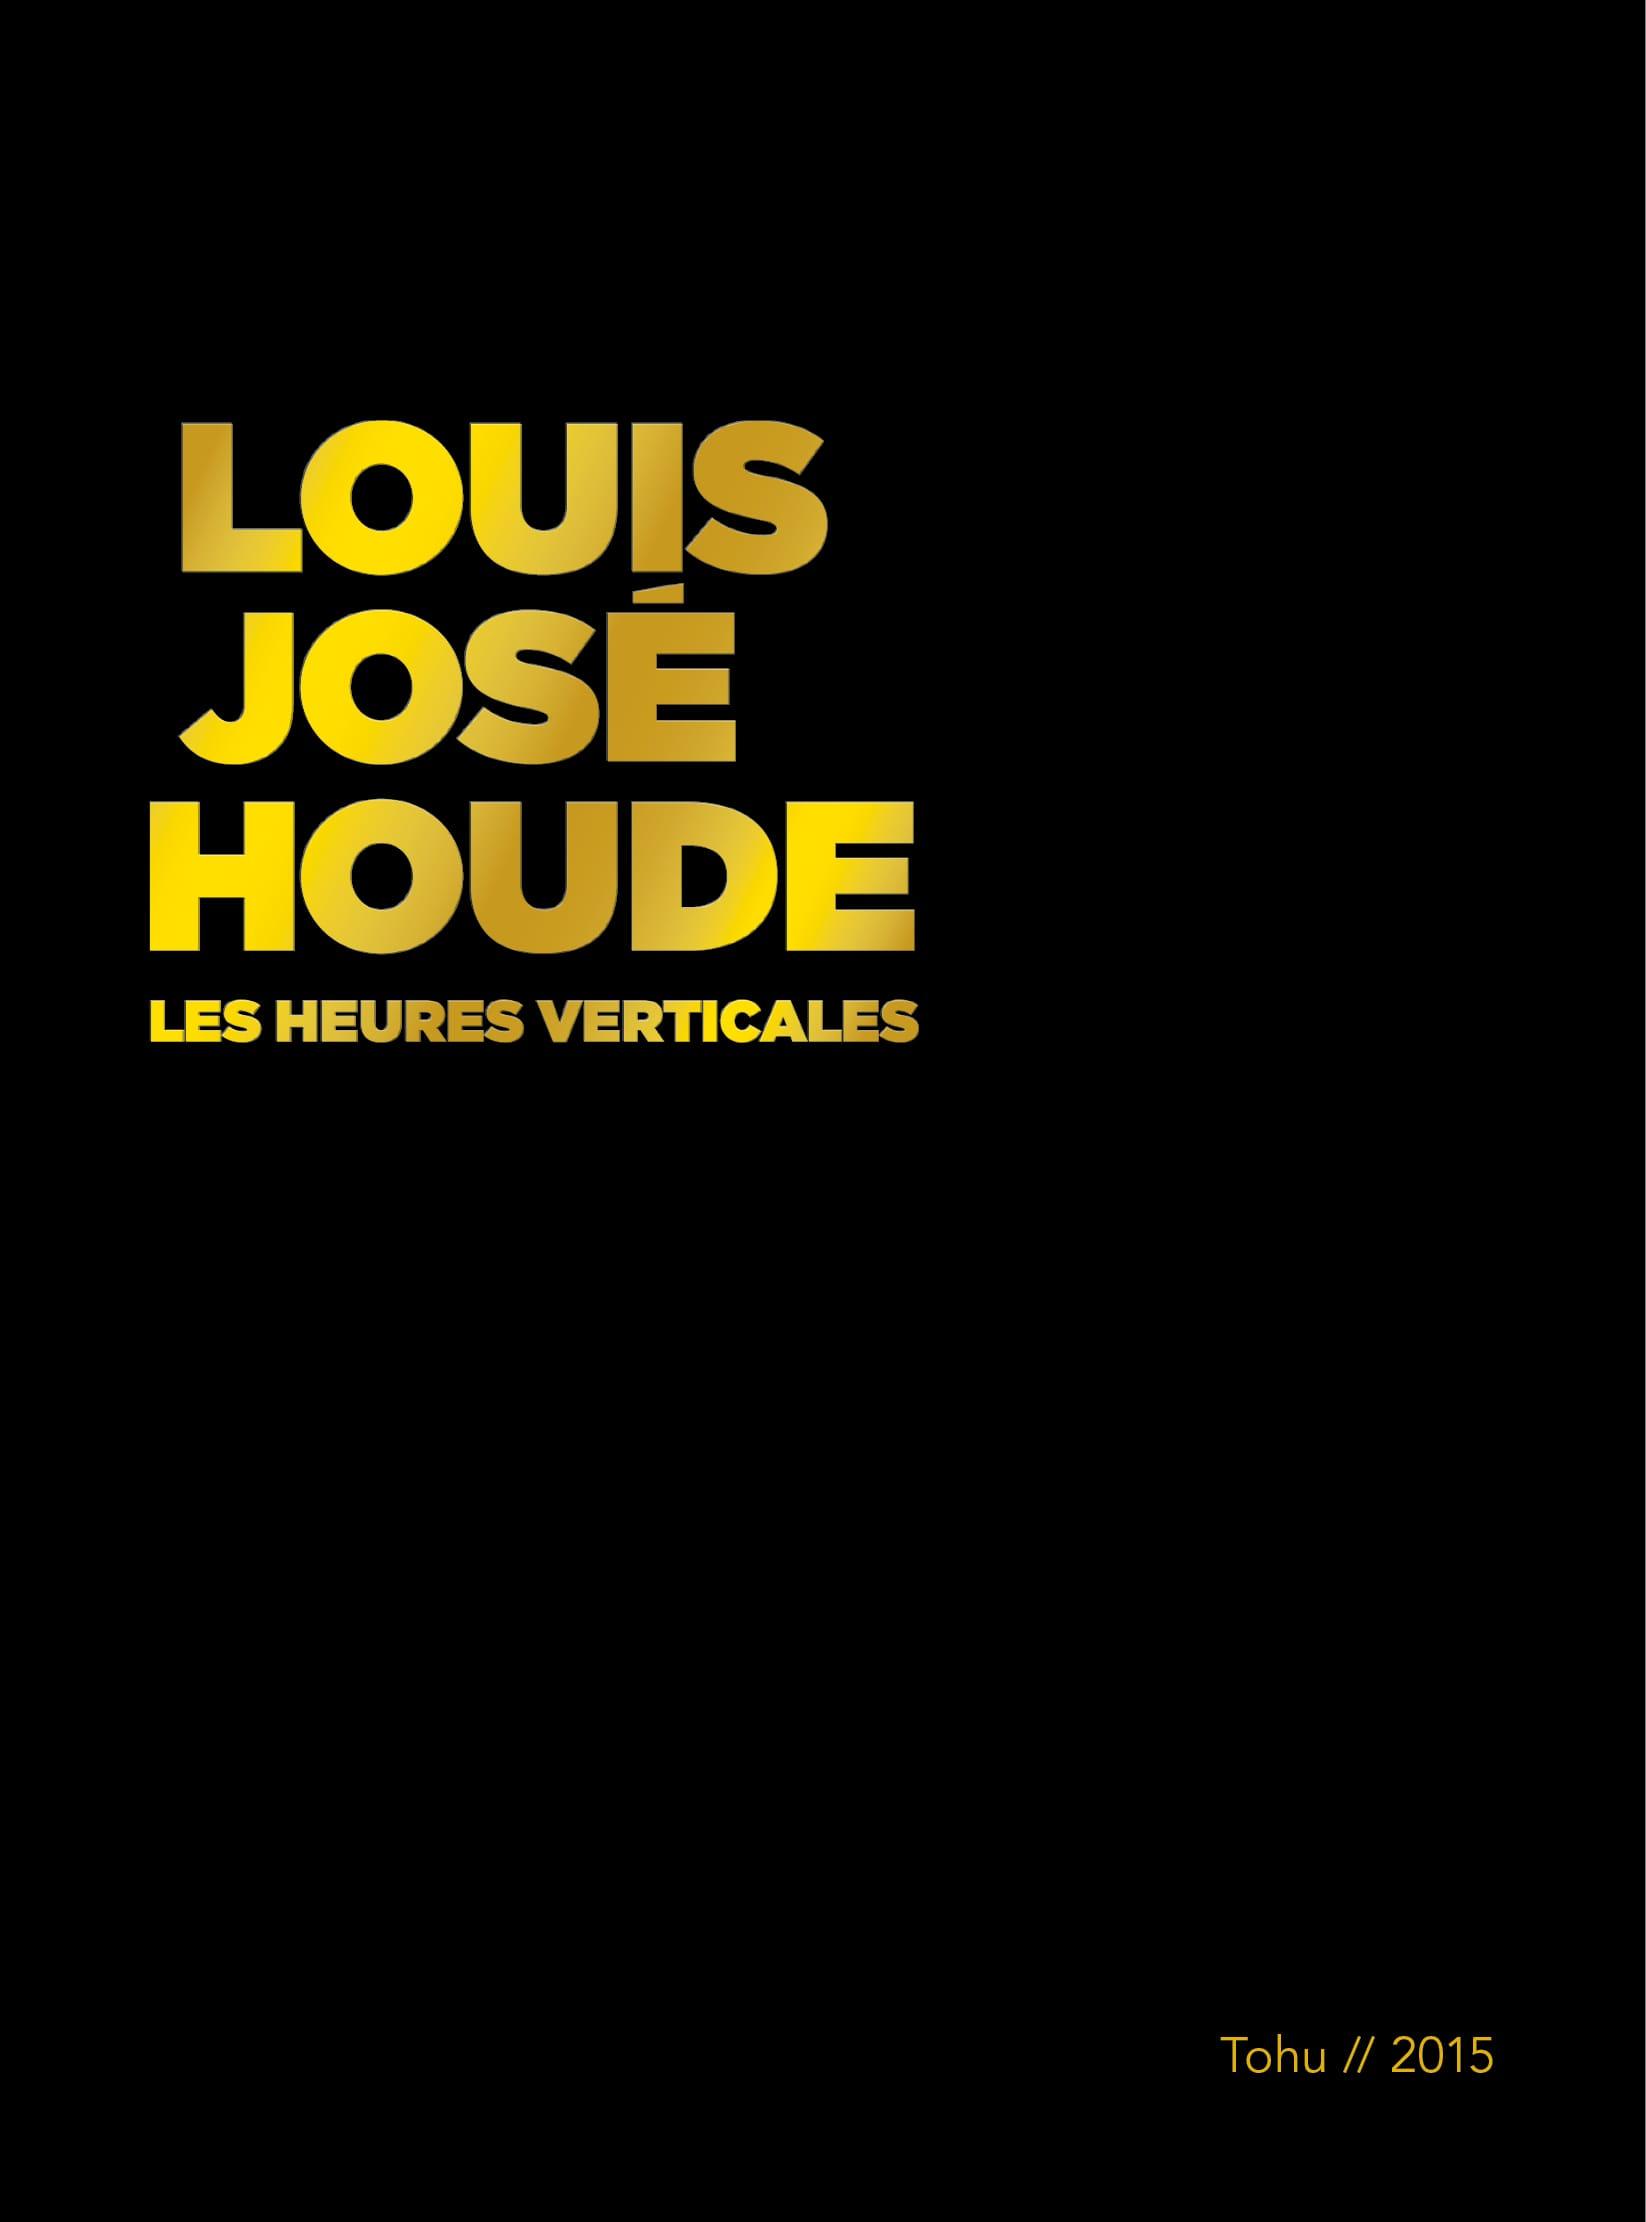 Louis-José Houde | Pochette du DVD du spectacle Les heures verticales